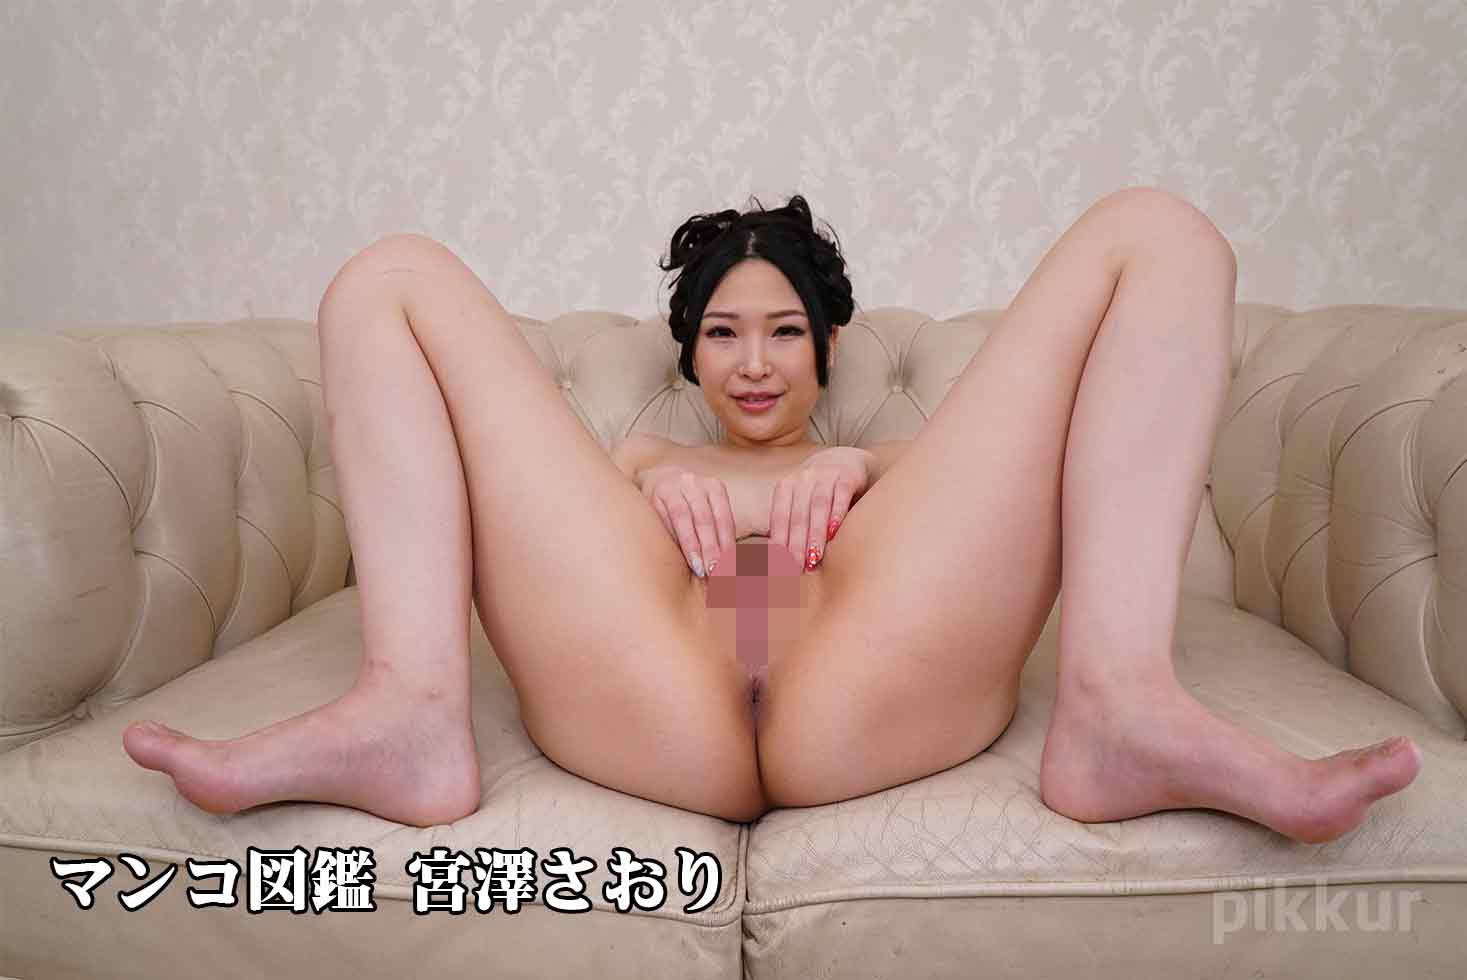 電マ 日本人 美乳 ローター バイブ 美尻 指マン